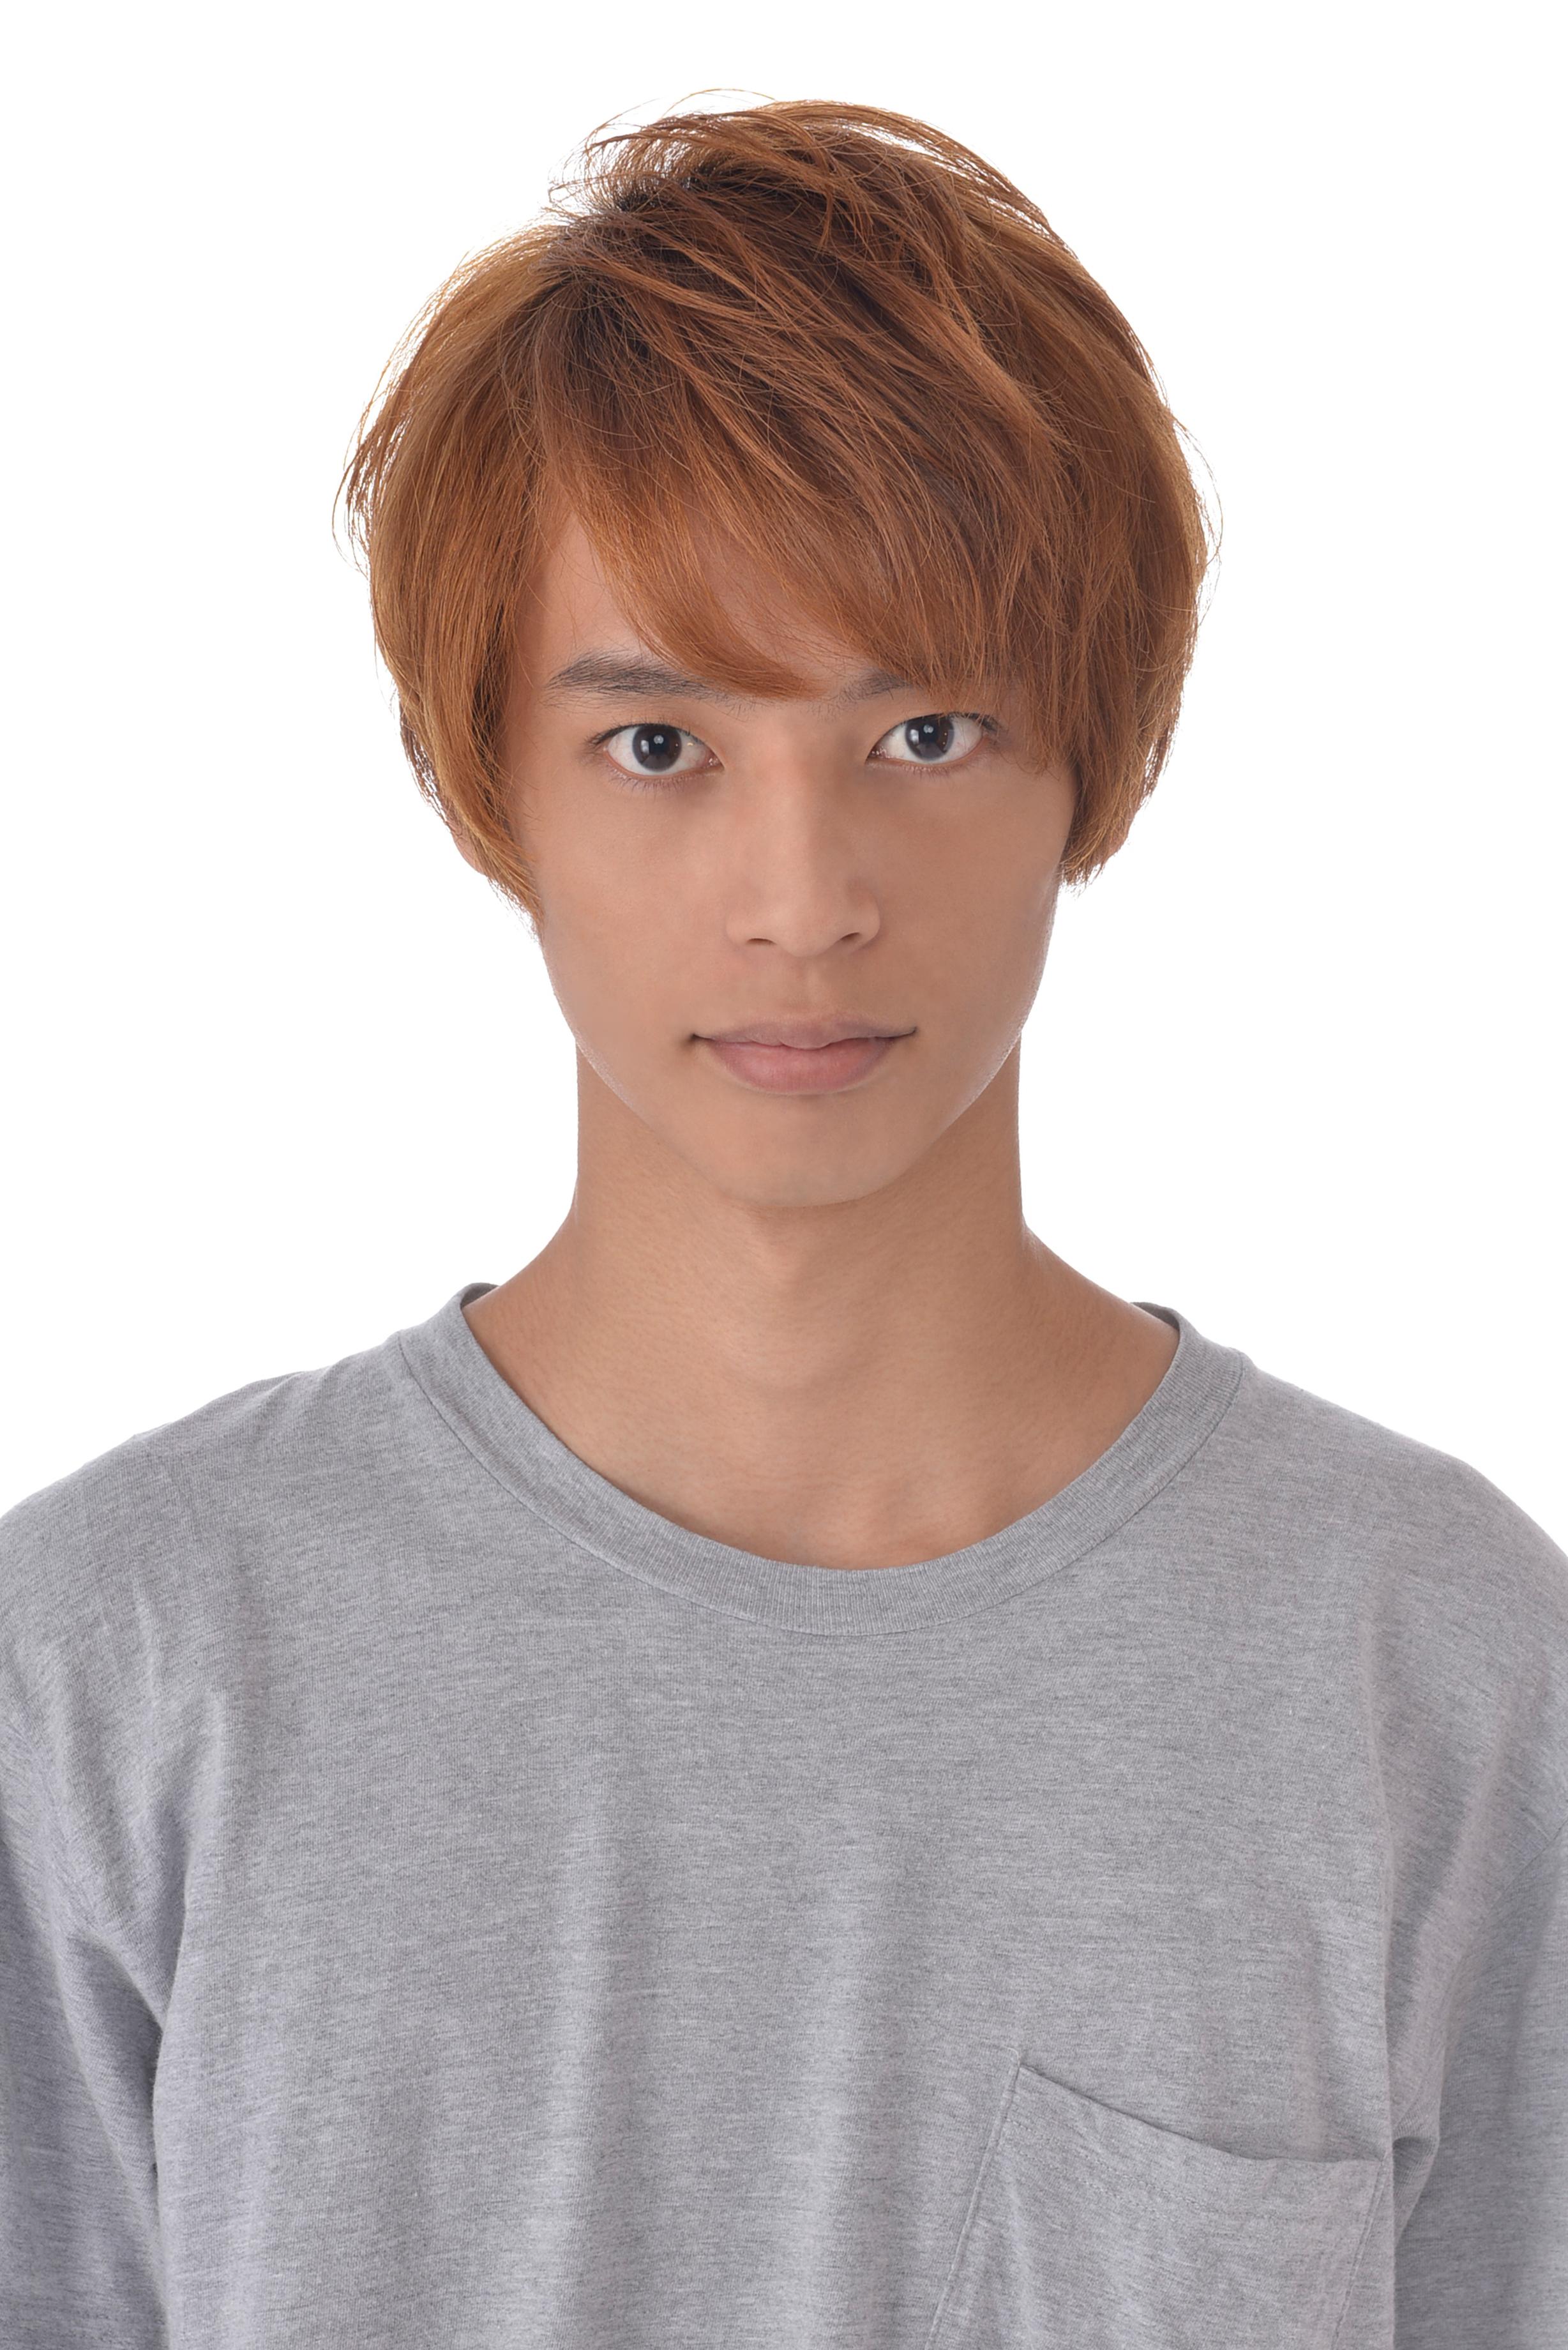 舞台「桃源郷ラビリンス」から第2弾キャストが発表 長江崚行・健人・中村優一らが出演 イメージ画像